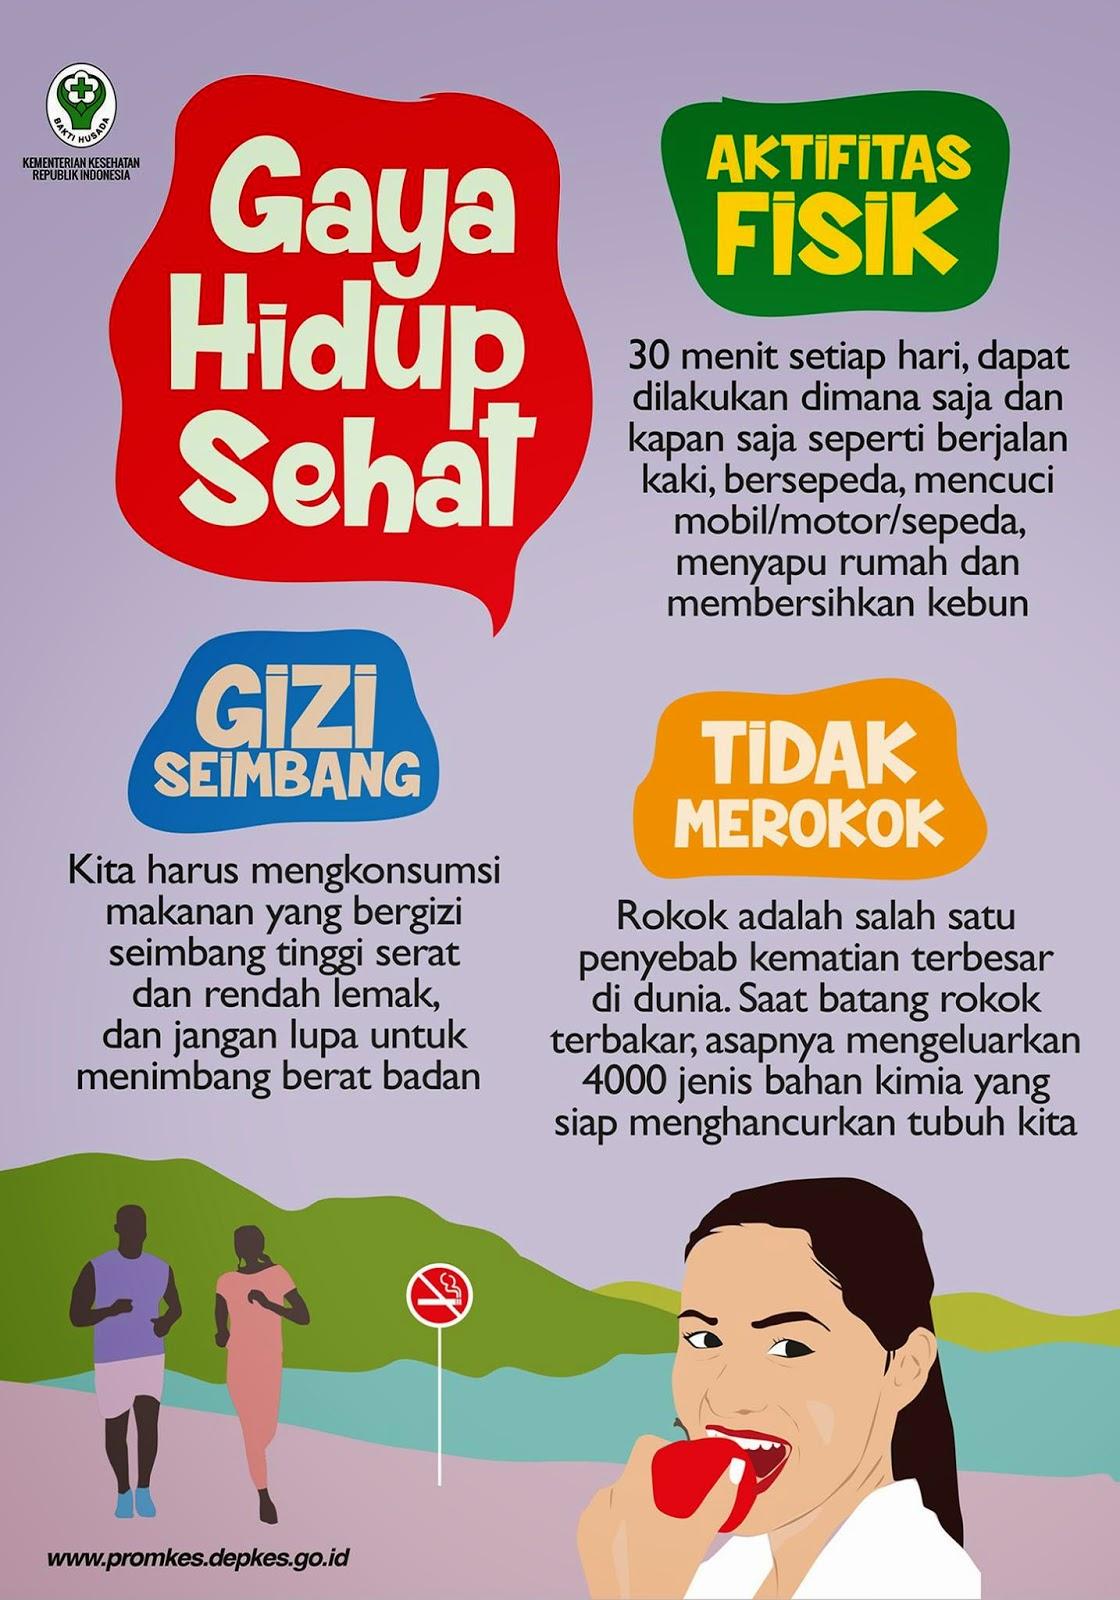 Rakyat Indonesia Wajib Tahu! Cara Daftar BPJS Ketenagakerjaan dan Cek Saldo BPJS